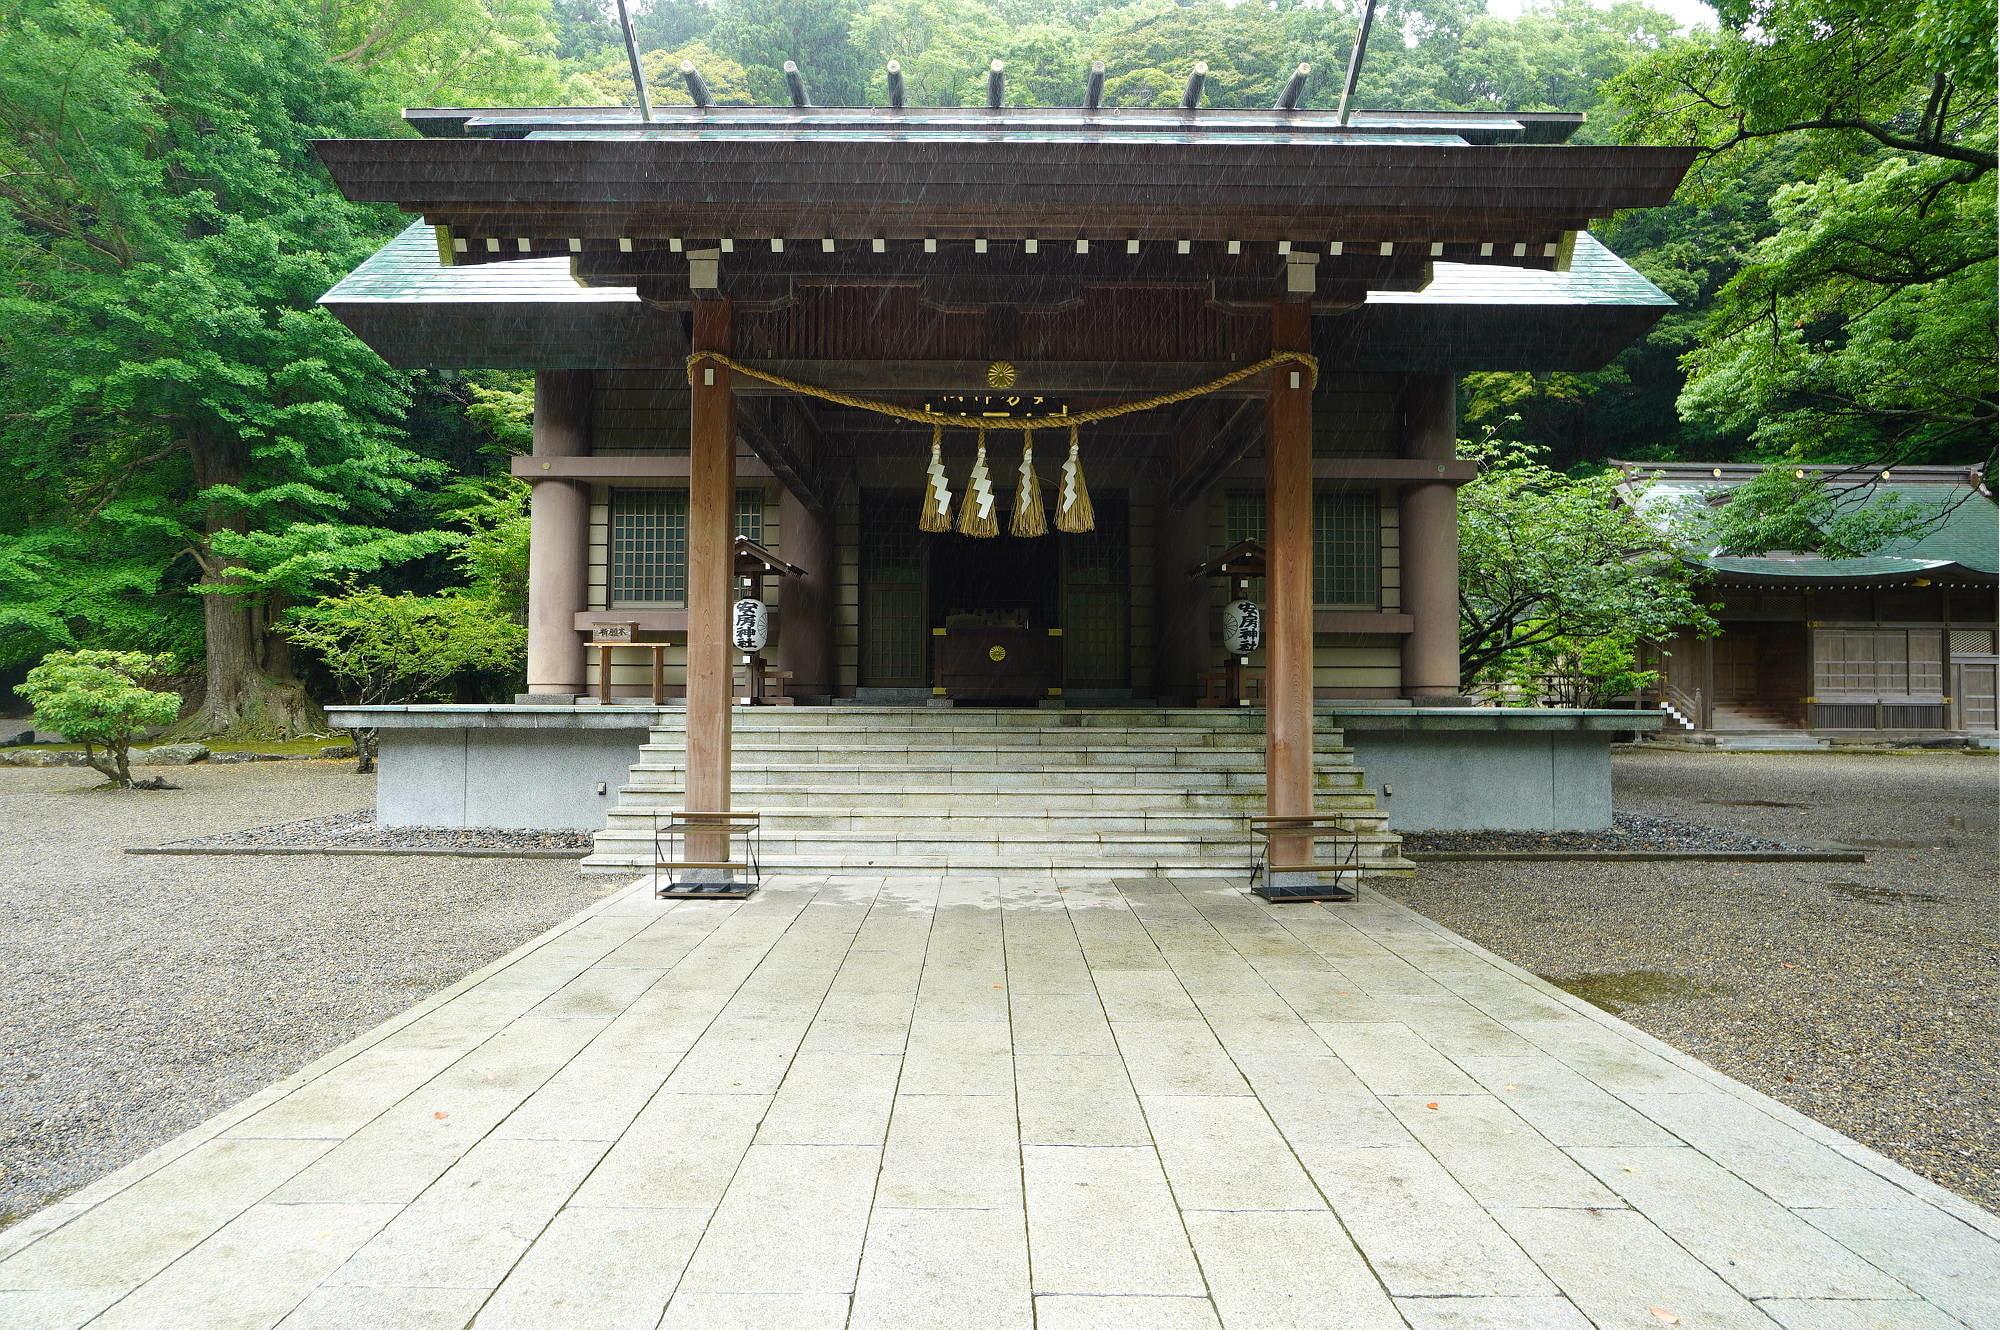 安房神社の本殿(拝殿)